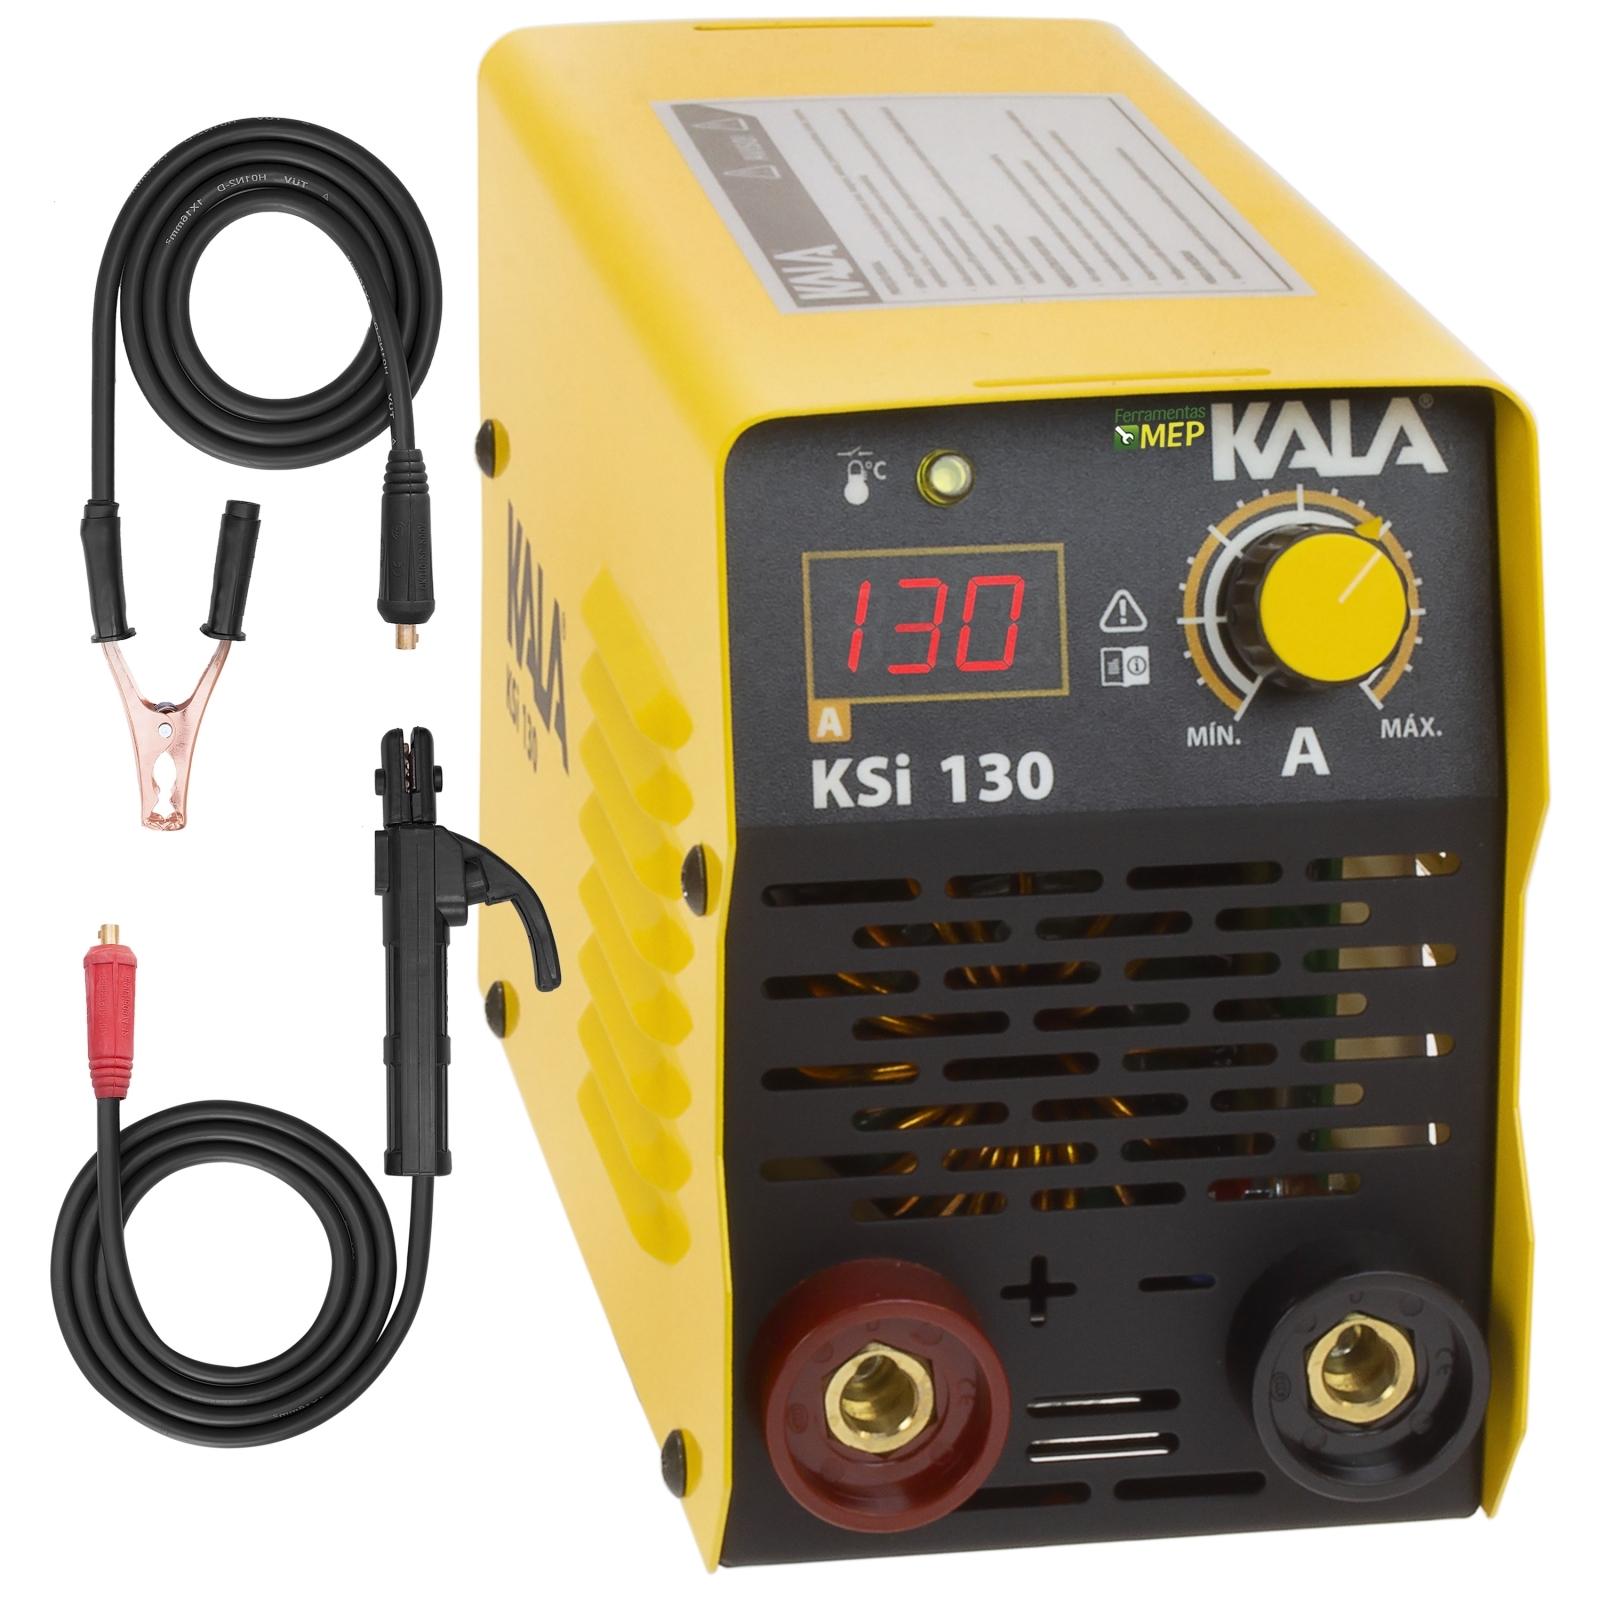 Máquina de Solda Inversora Kala KSI 130amp Bivolt Sk1 - Ferramentas MEP